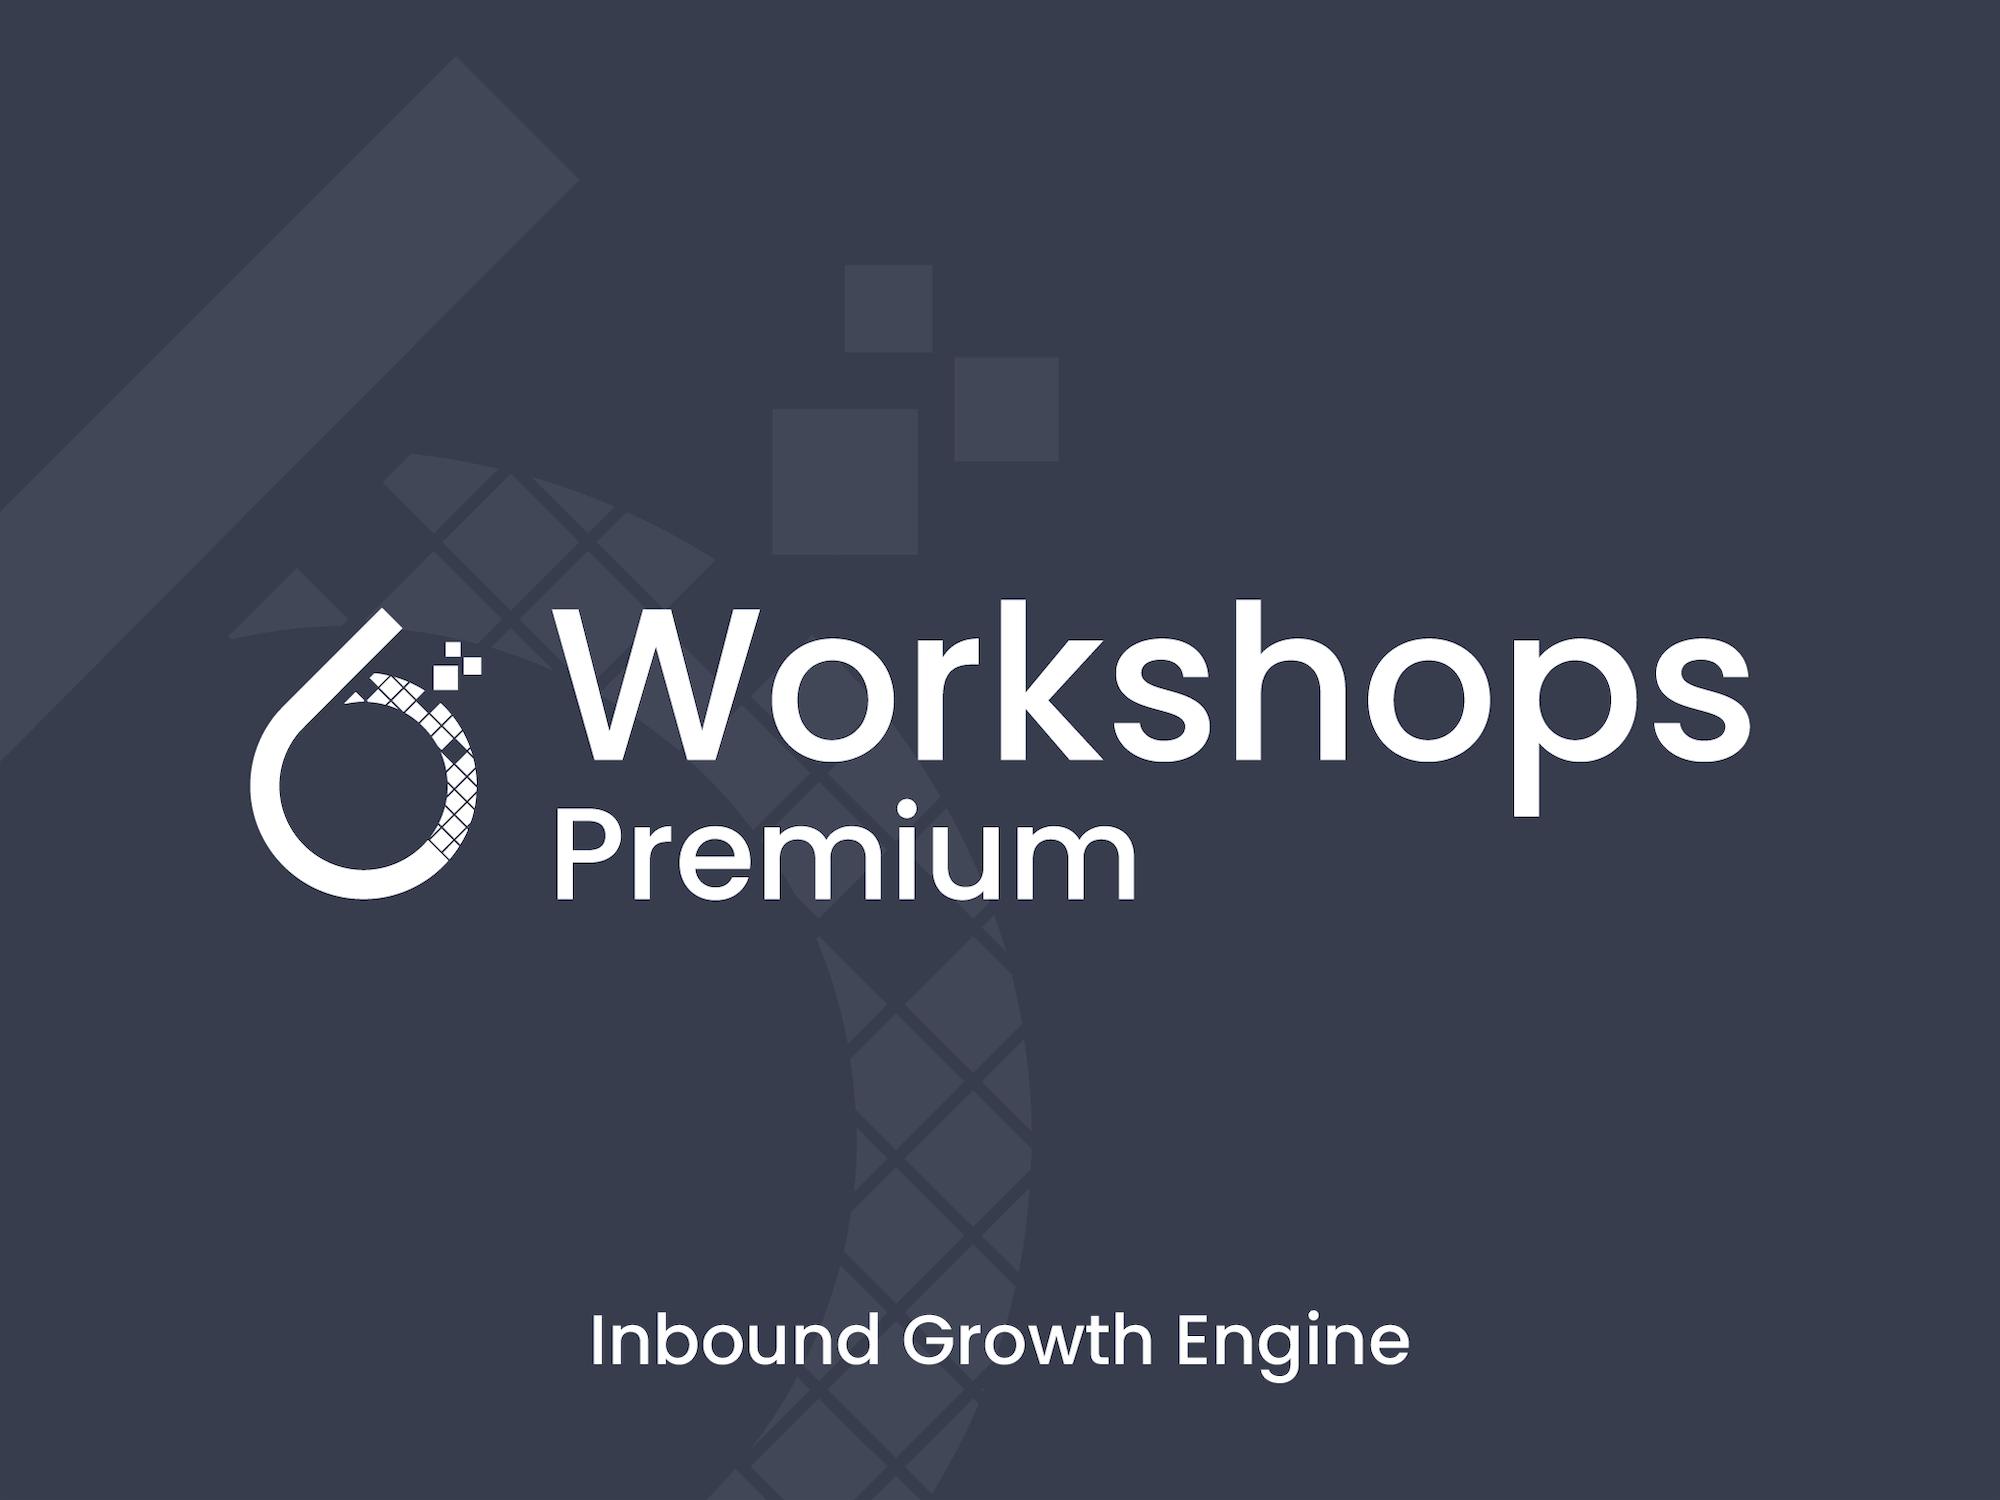 6teen30 - Growth Agency - Inbound Workshop Premium